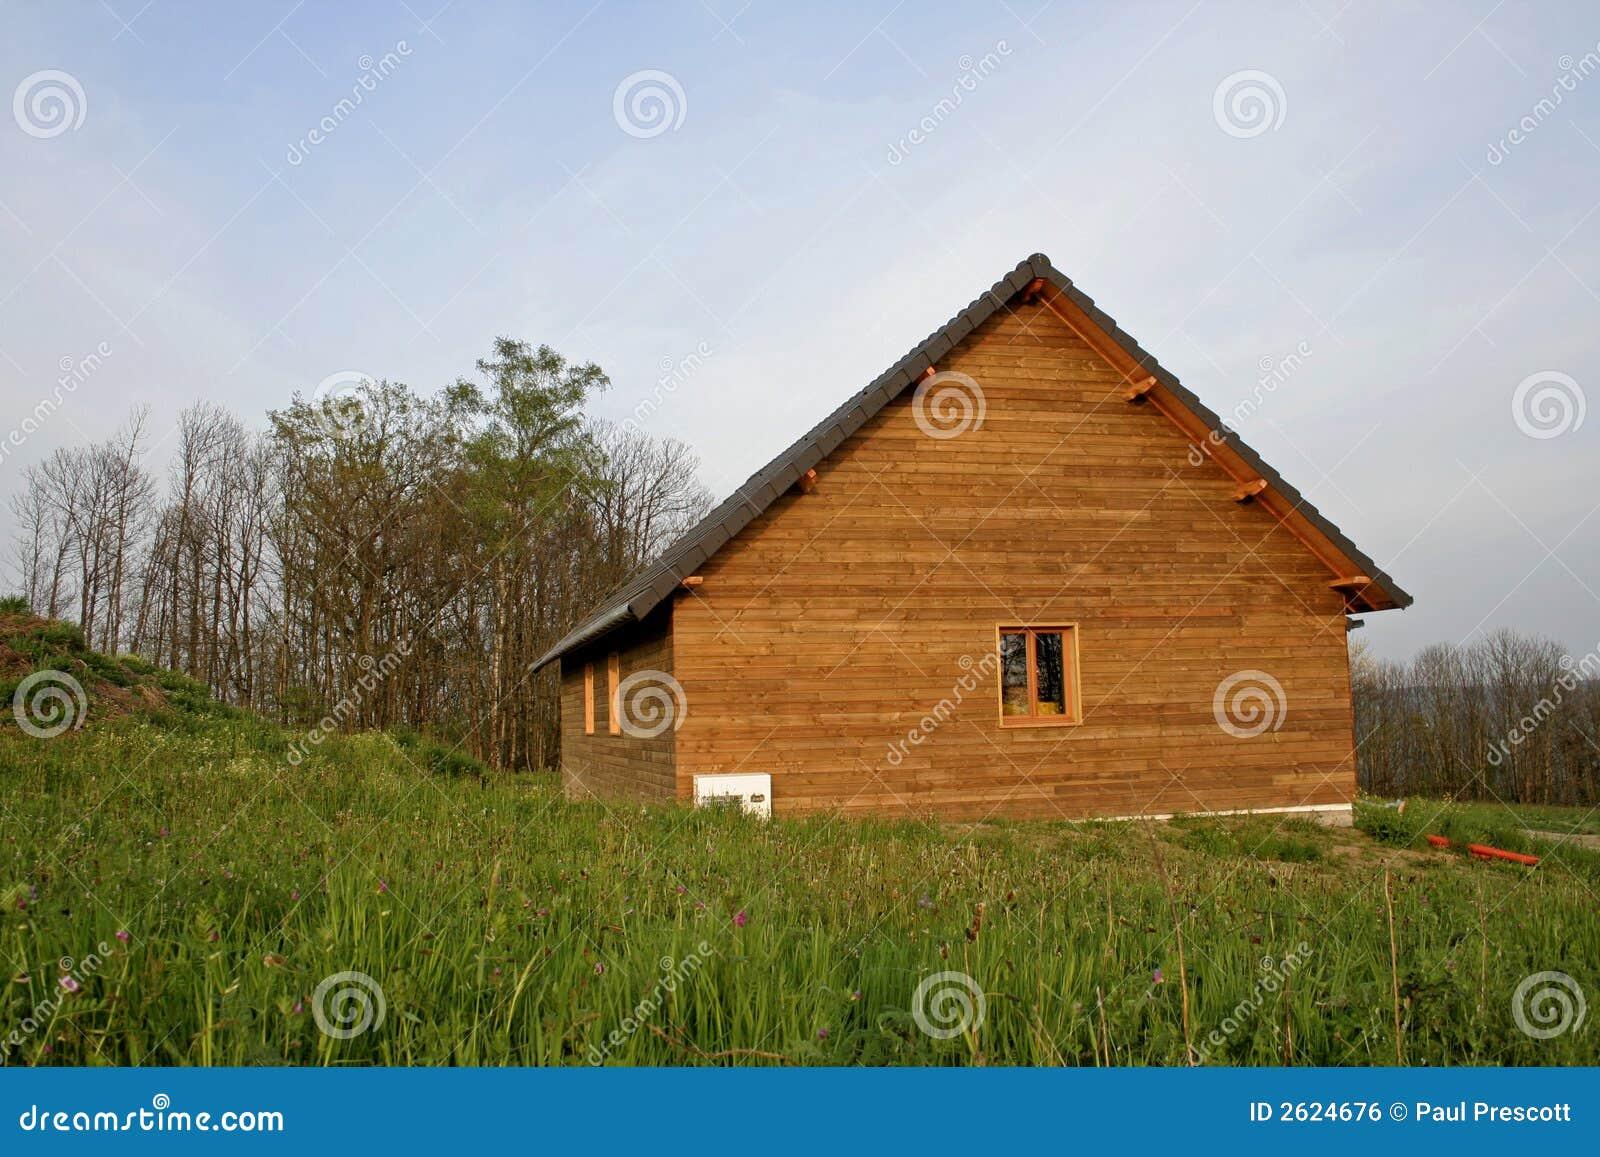 Casa de madera en campo imagen de archivo libre de - Casas de campo madera ...